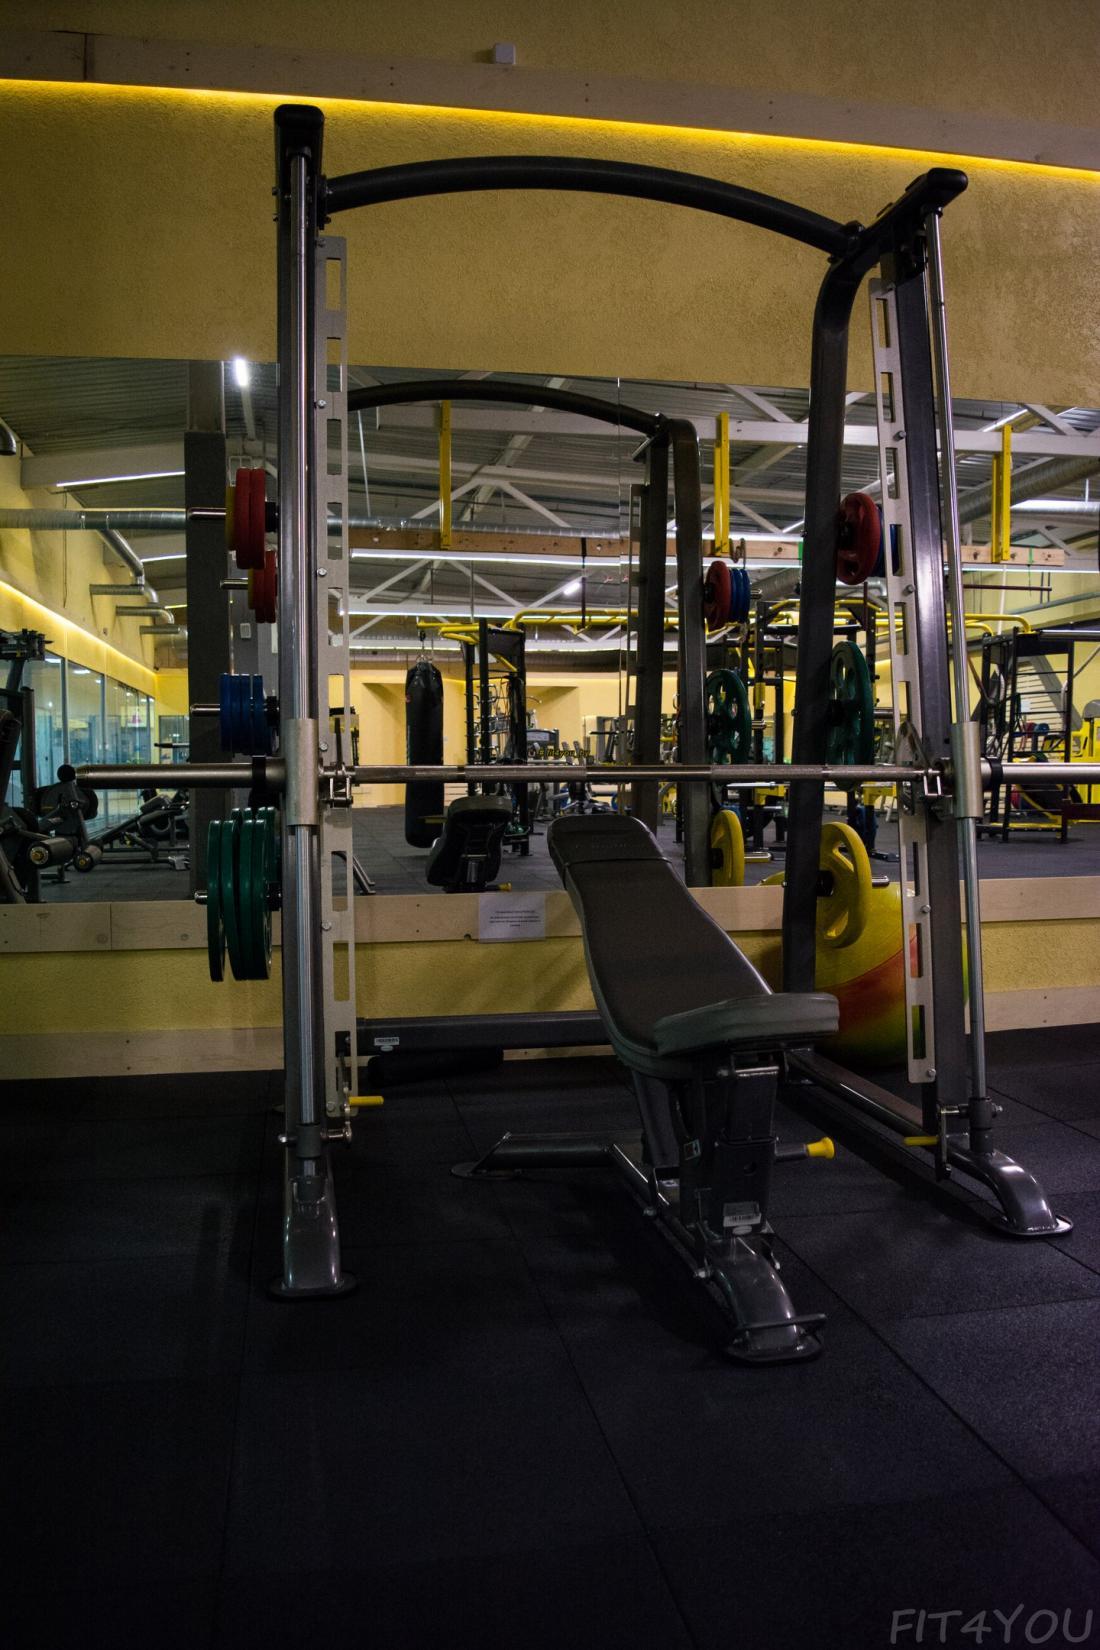 """Безлимитные абонементы в """"FiT4YoU"""" от 45,50 руб, персональная тренировка за 9 руб, стретчинг за 3,12 руб/ занятие"""